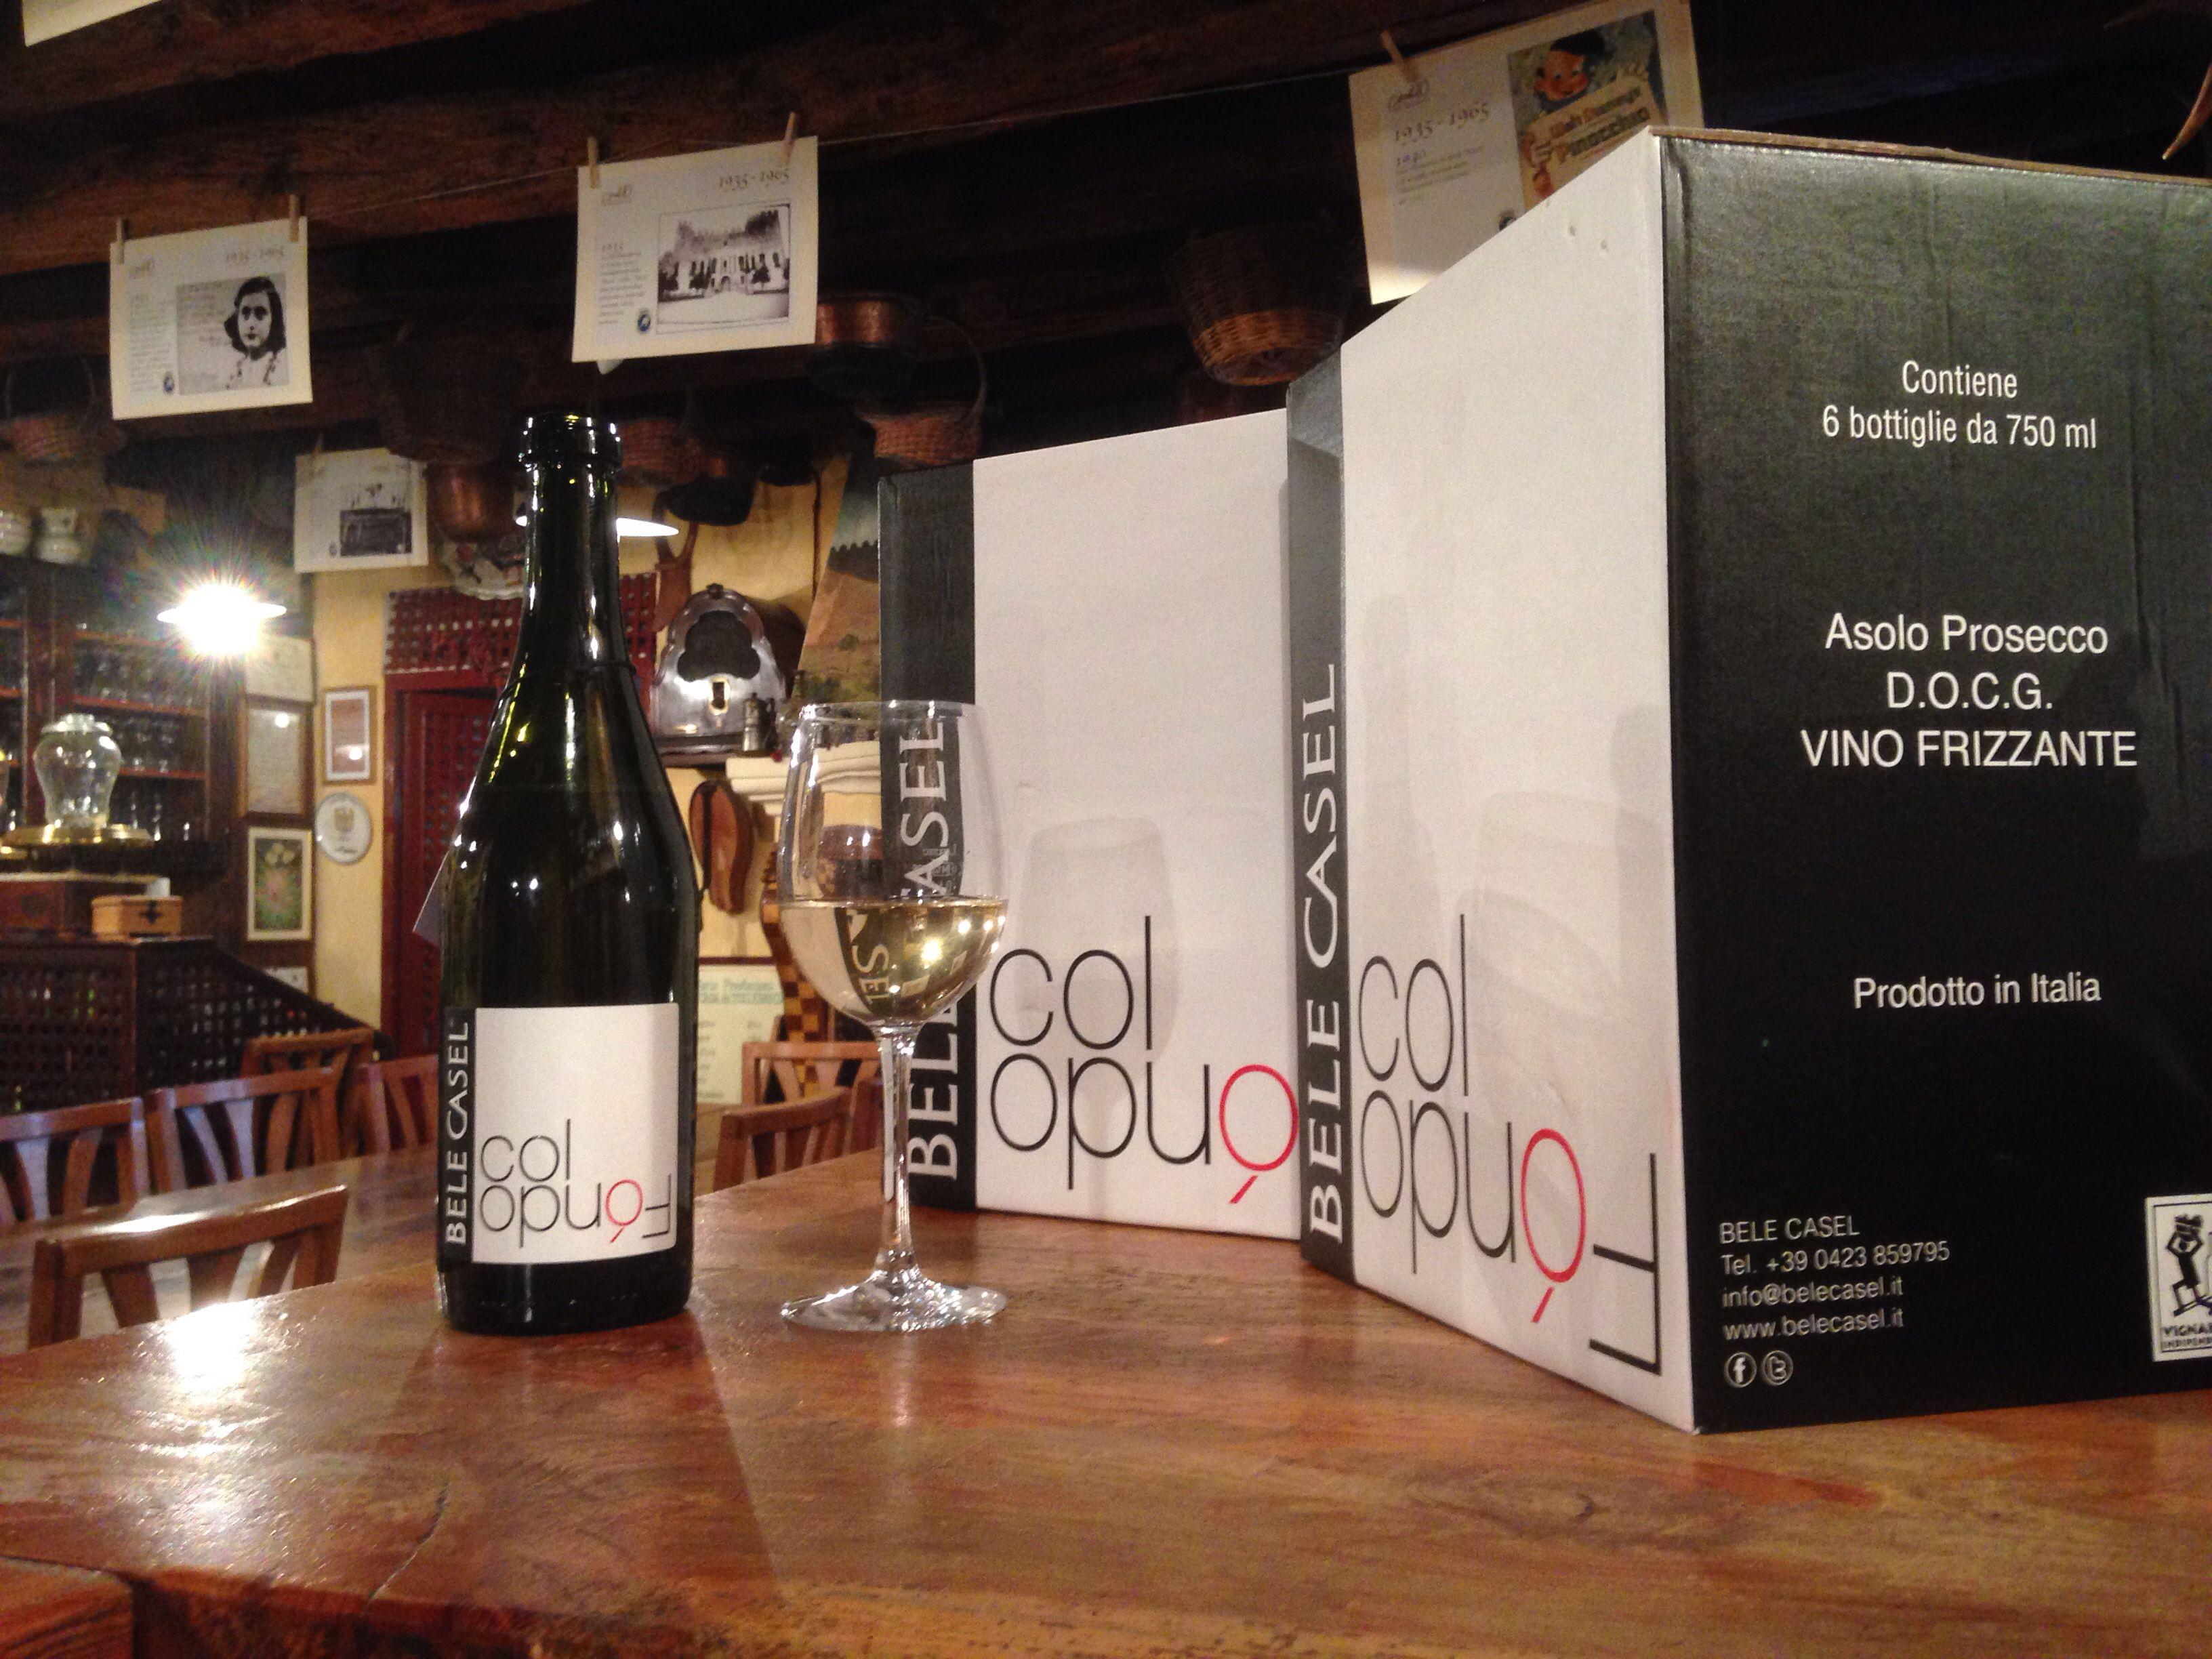 Un vino straordinario prodotto nei Colli Asolani da un giovane viticoltore:Luca Ferraro.